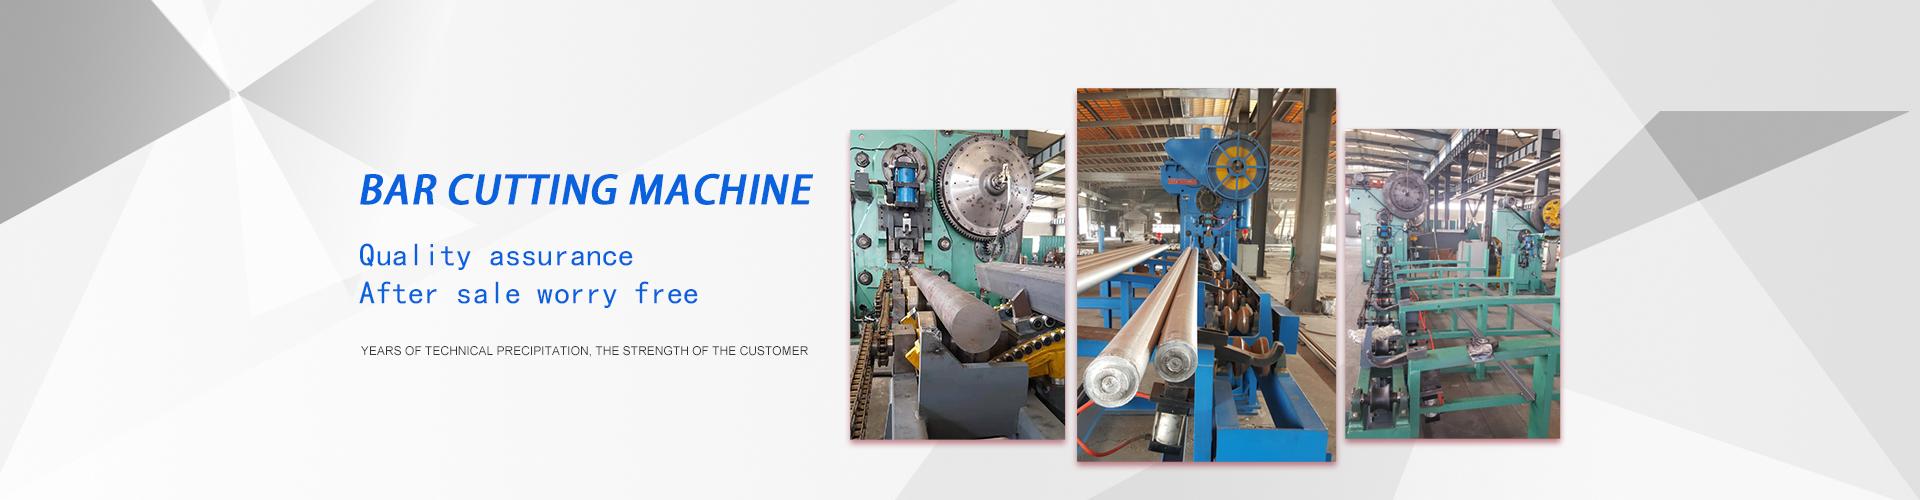 Precision bar cutting machine manufacturer